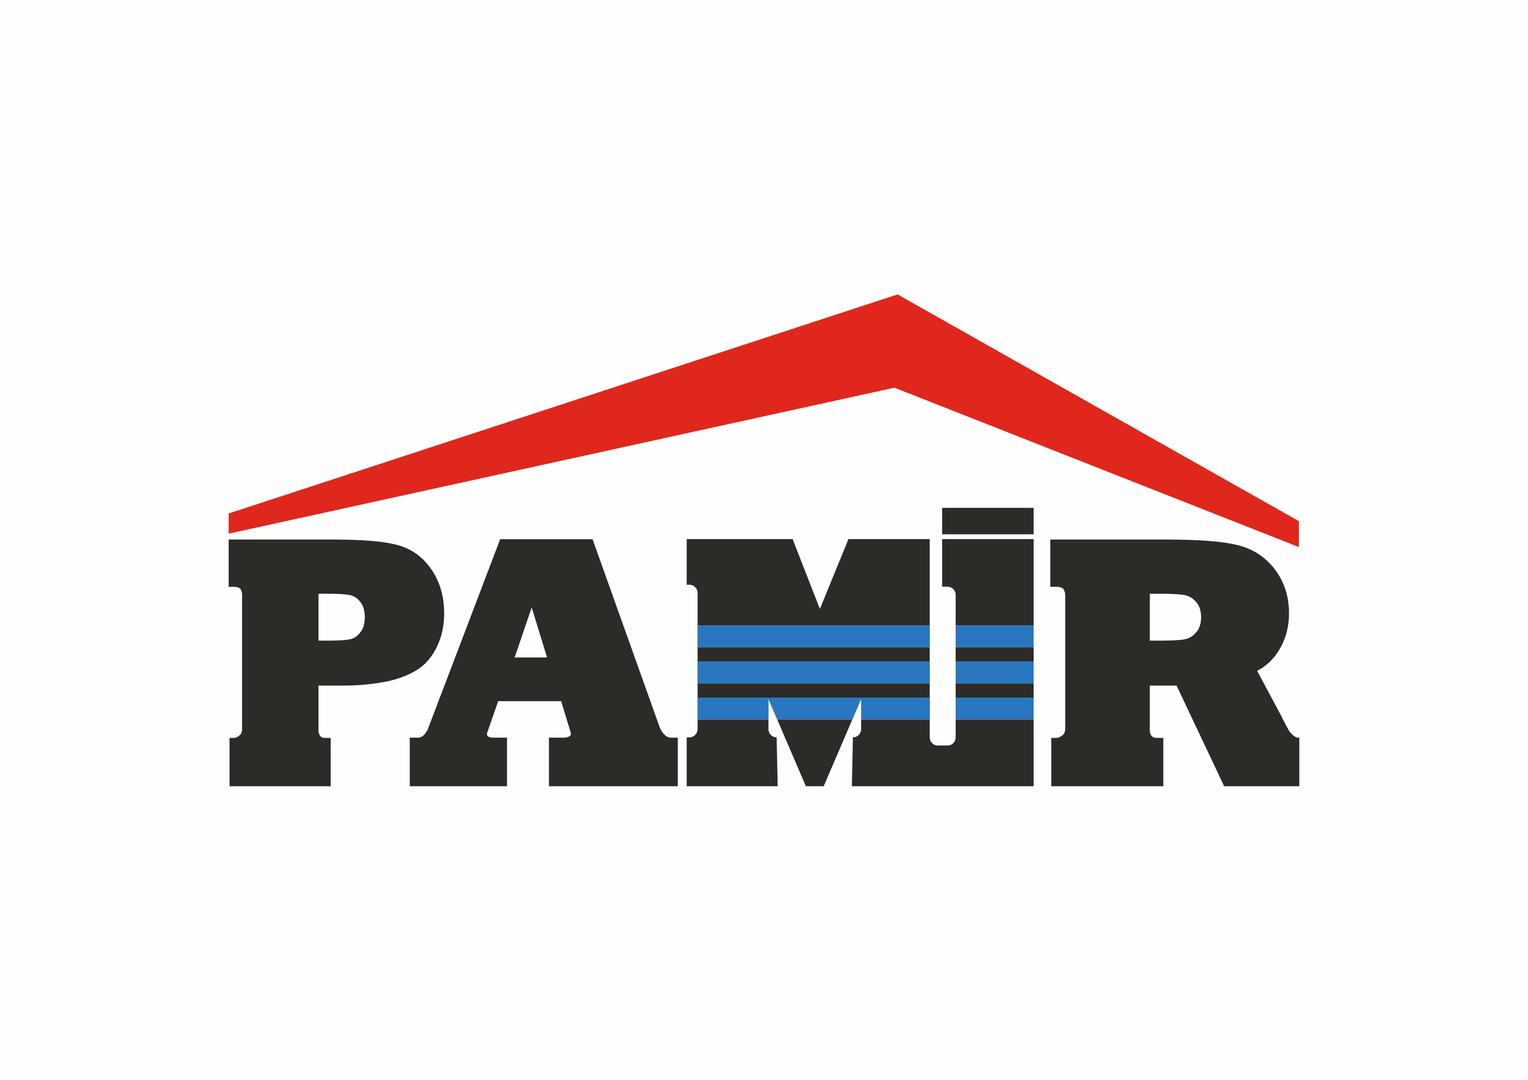 Pamir Tour 2015